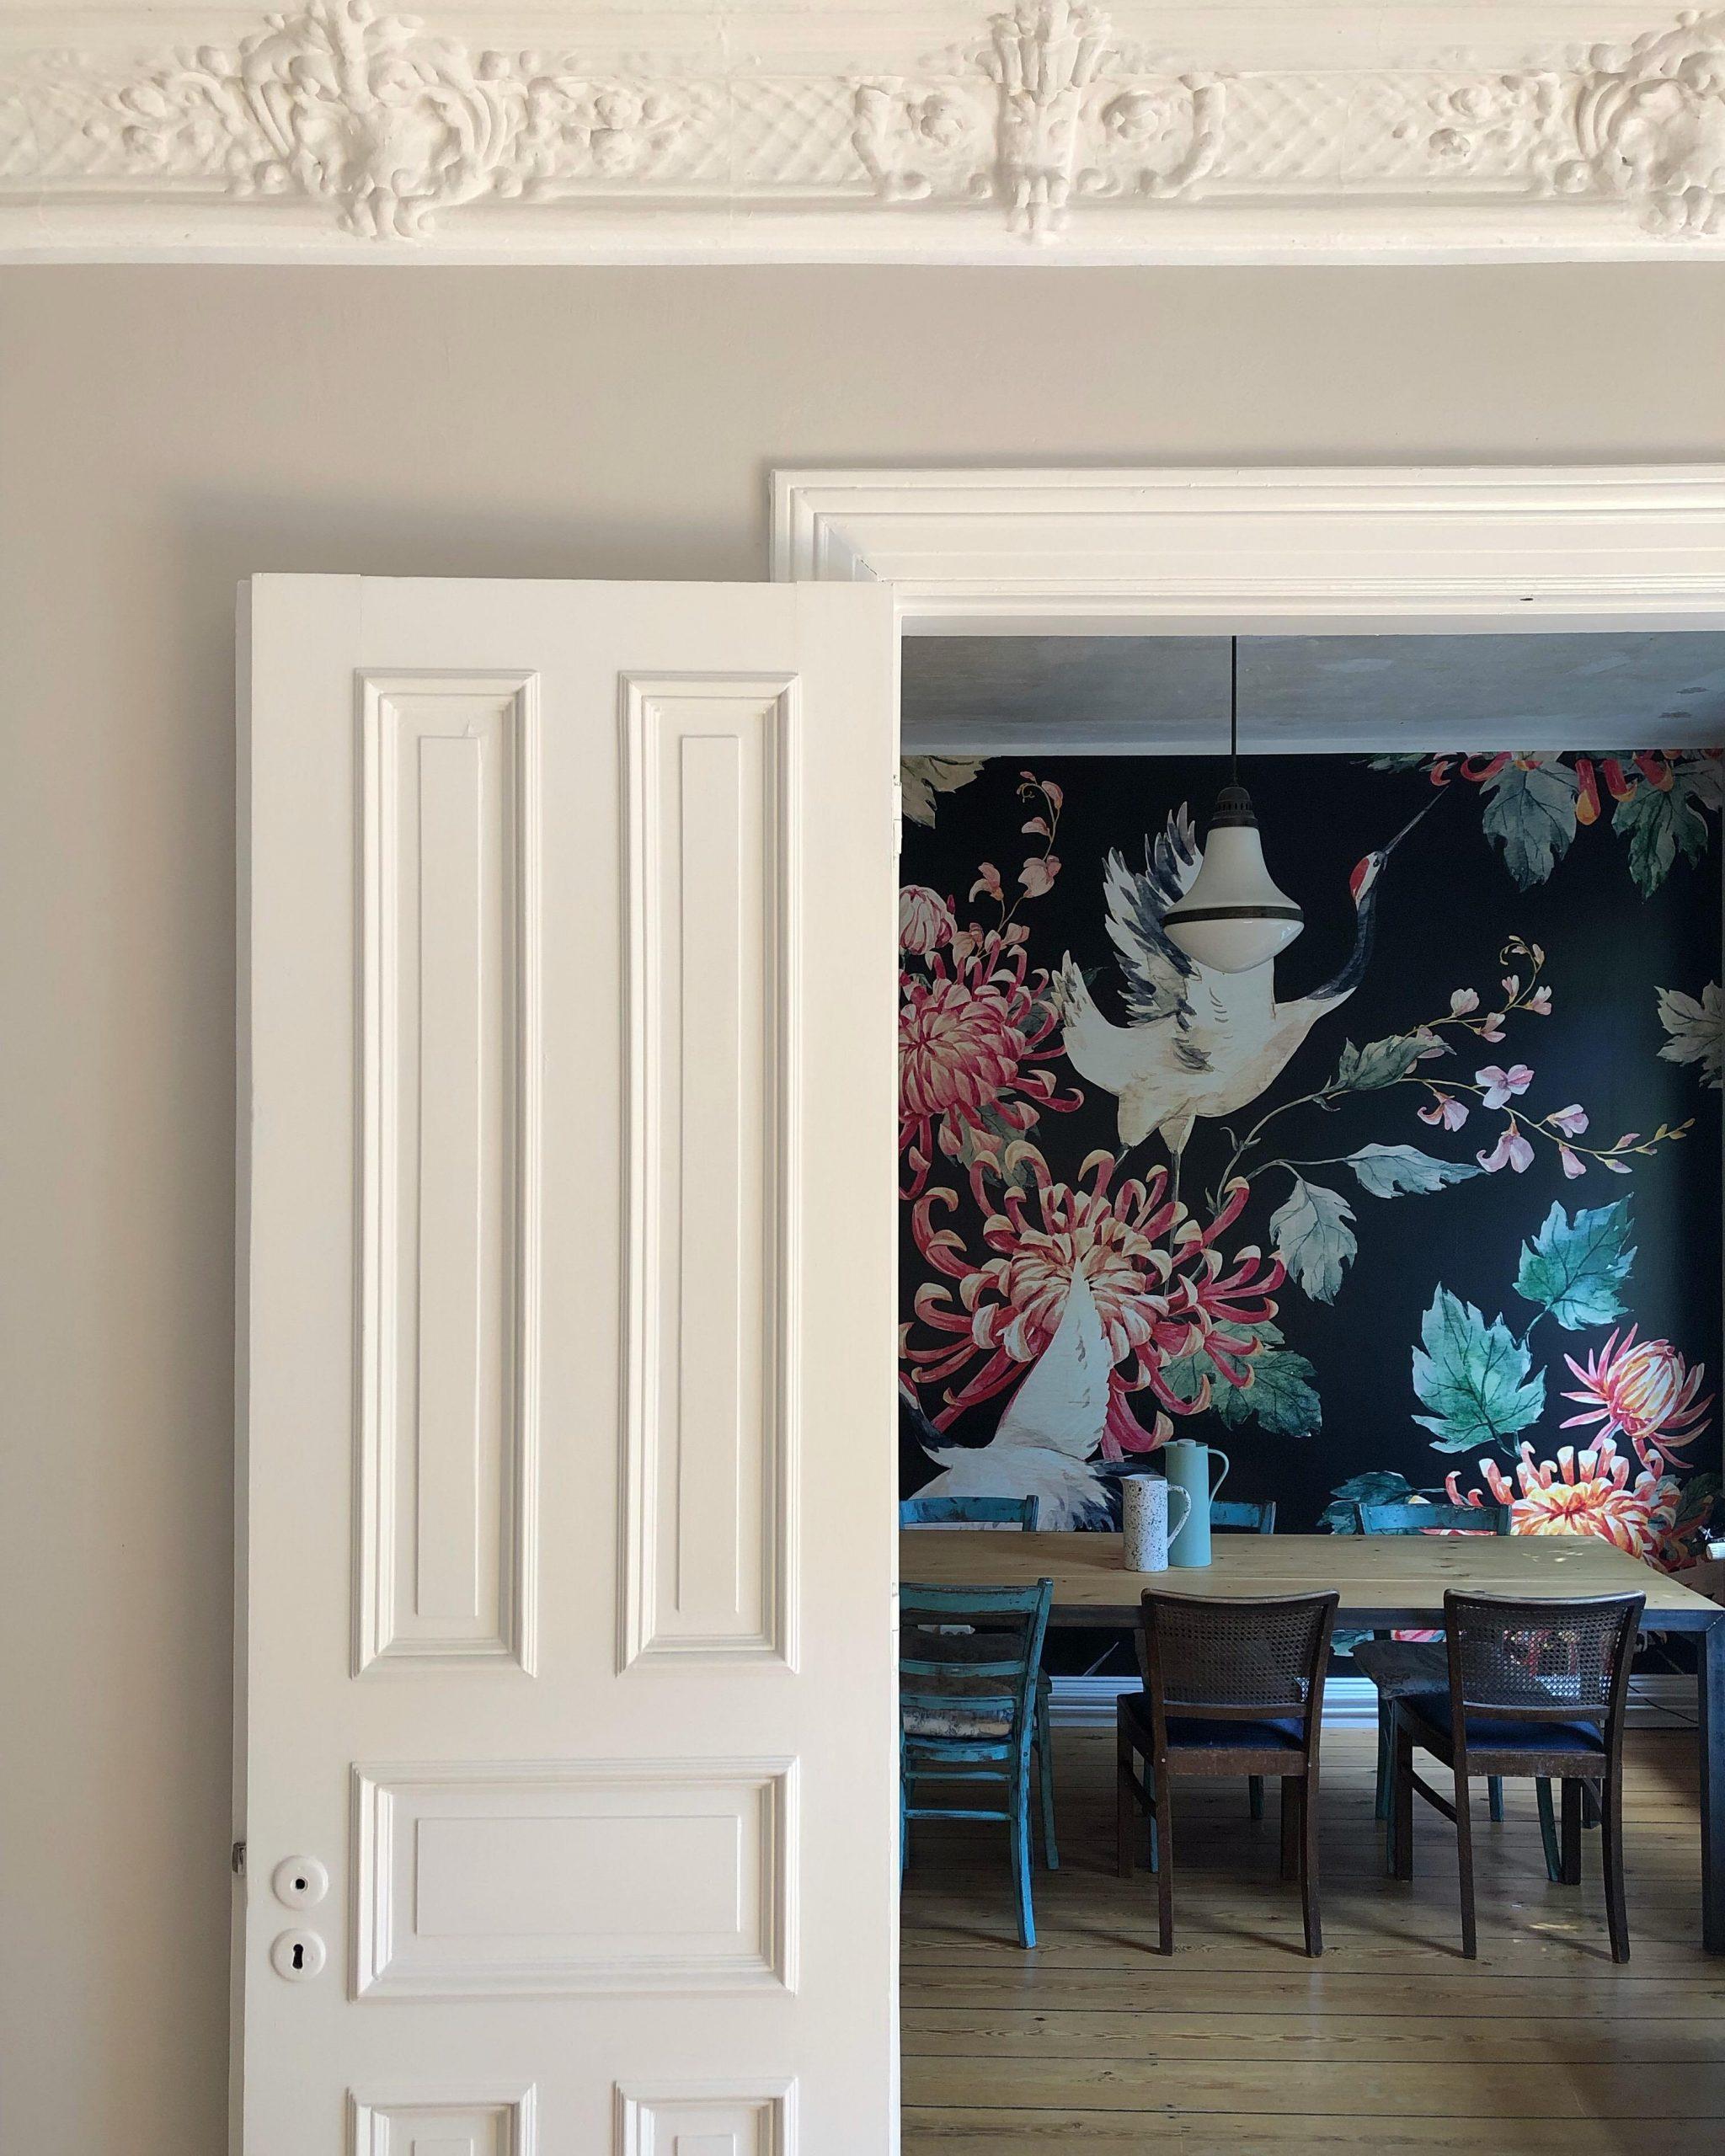 Full Size of Tapeten Ideen Fr Wandgestaltung Bei Couch Schlafzimmer Für Die Küche Fototapeten Wohnzimmer Bad Renovieren Wohnzimmer Tapeten Ideen